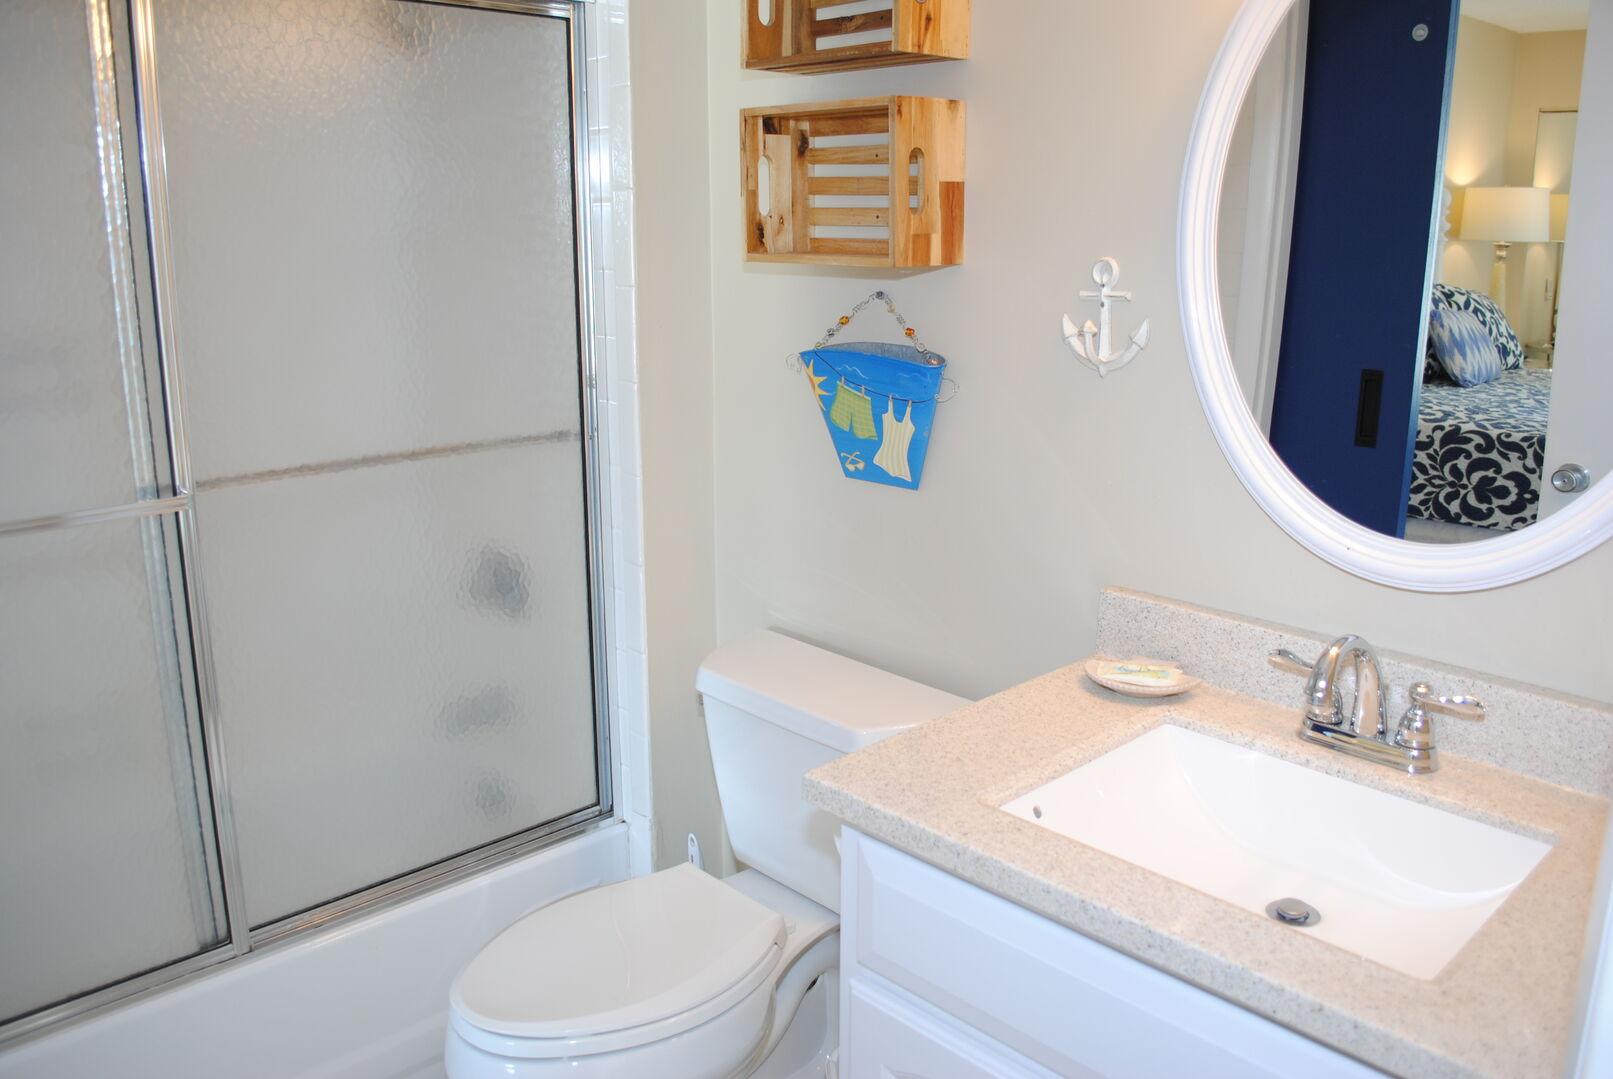 Shared Bathroom (King and Hallway) - First Floor